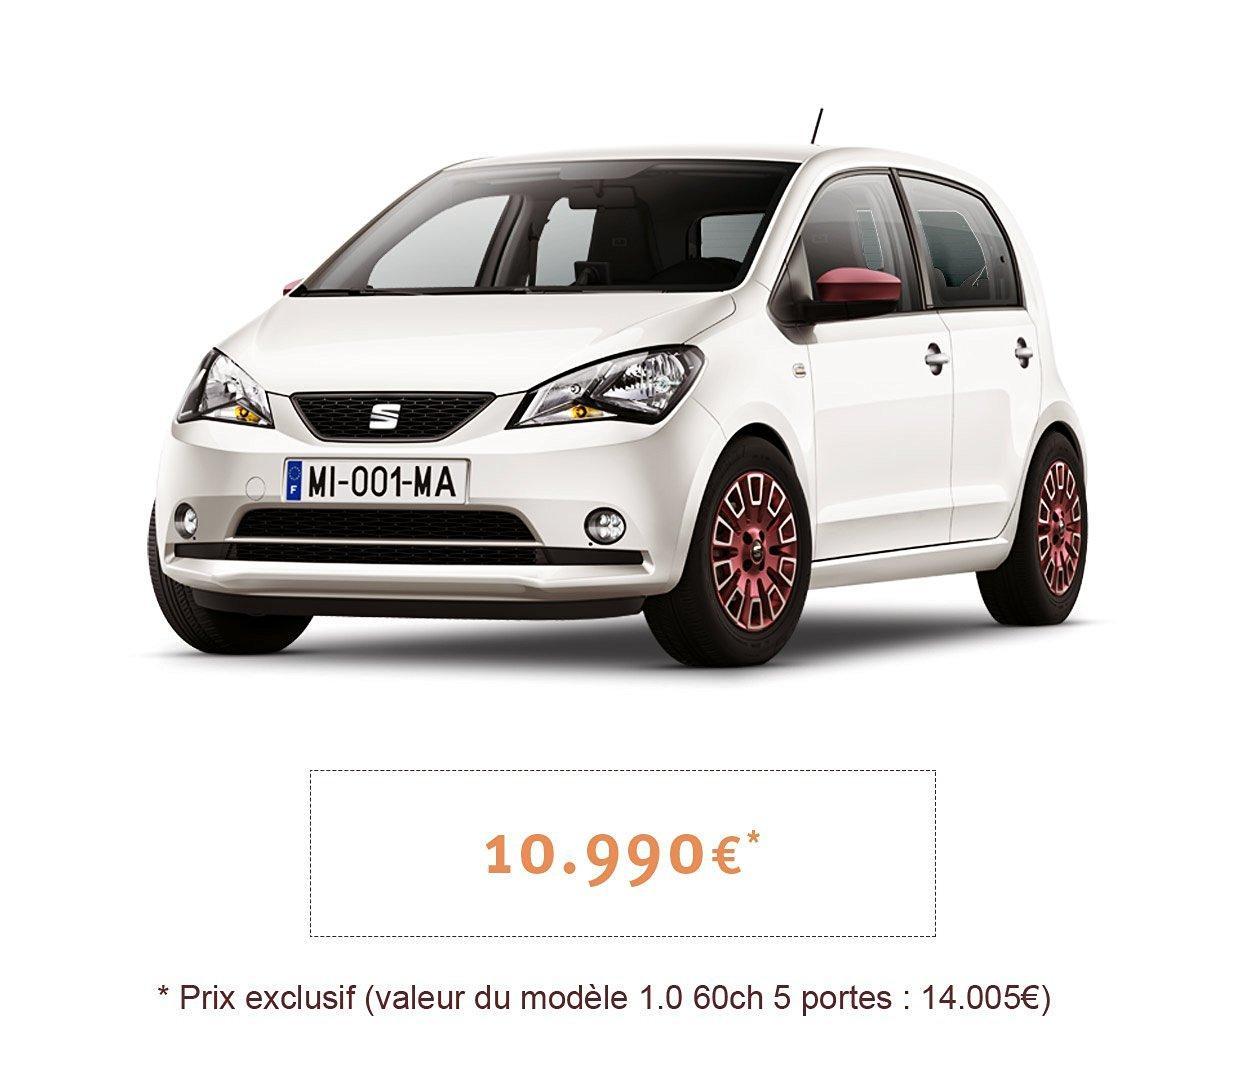 Voiture Seat Mii by Mango Limited Edition Blanc - 1.0, 60ch, 5 portes + Extension de garantie 5 ans + 200€ en chèque-cadeau